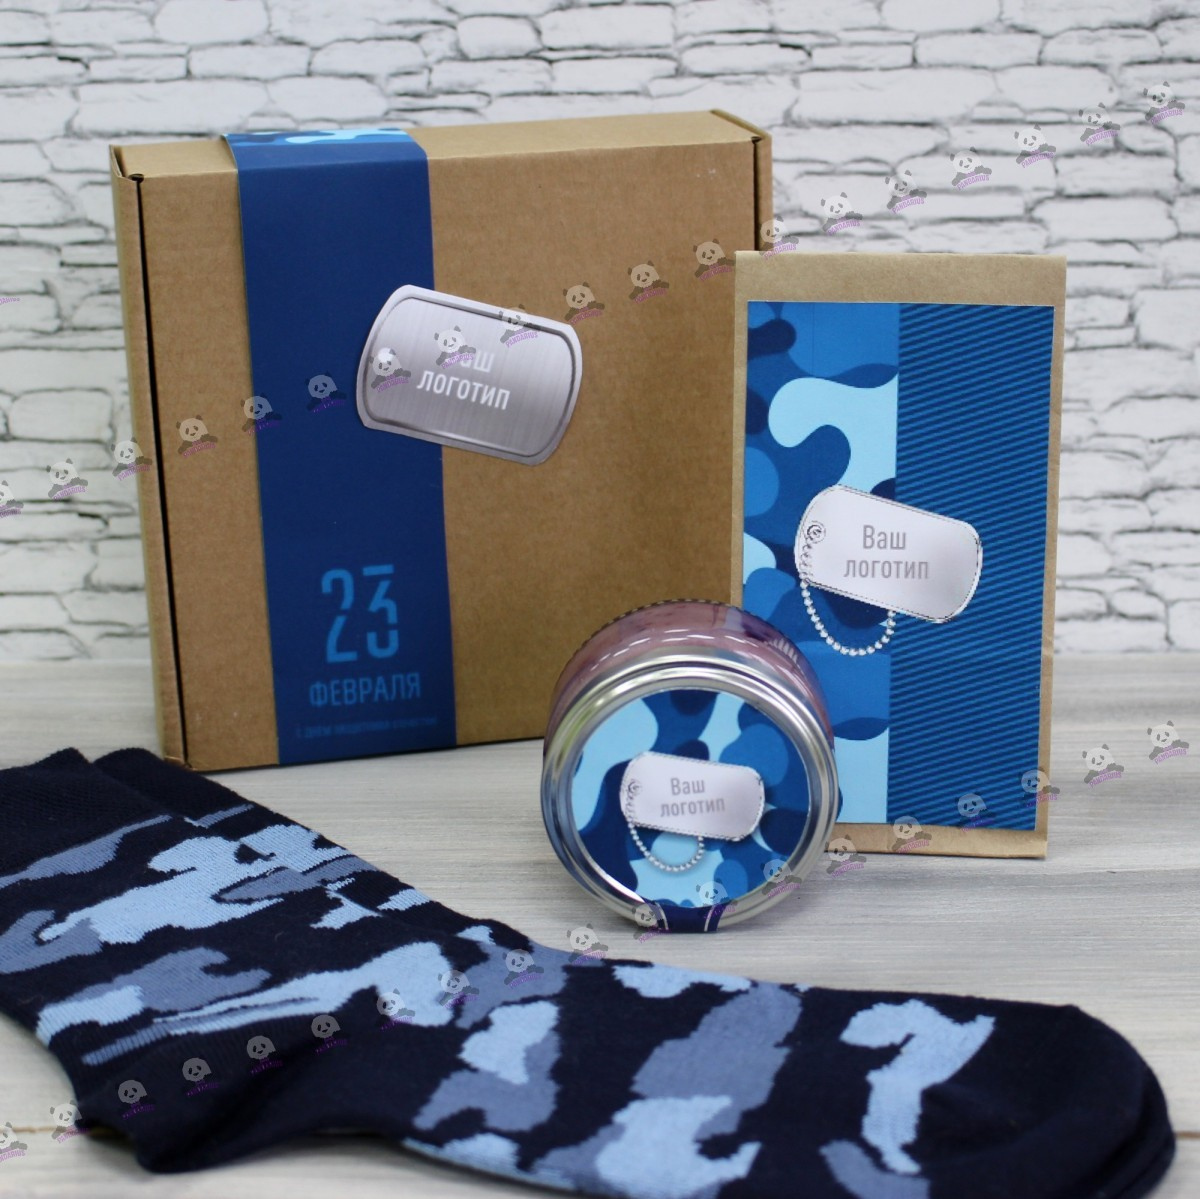 Корпоративные подарки на 23 февраля мужчинам